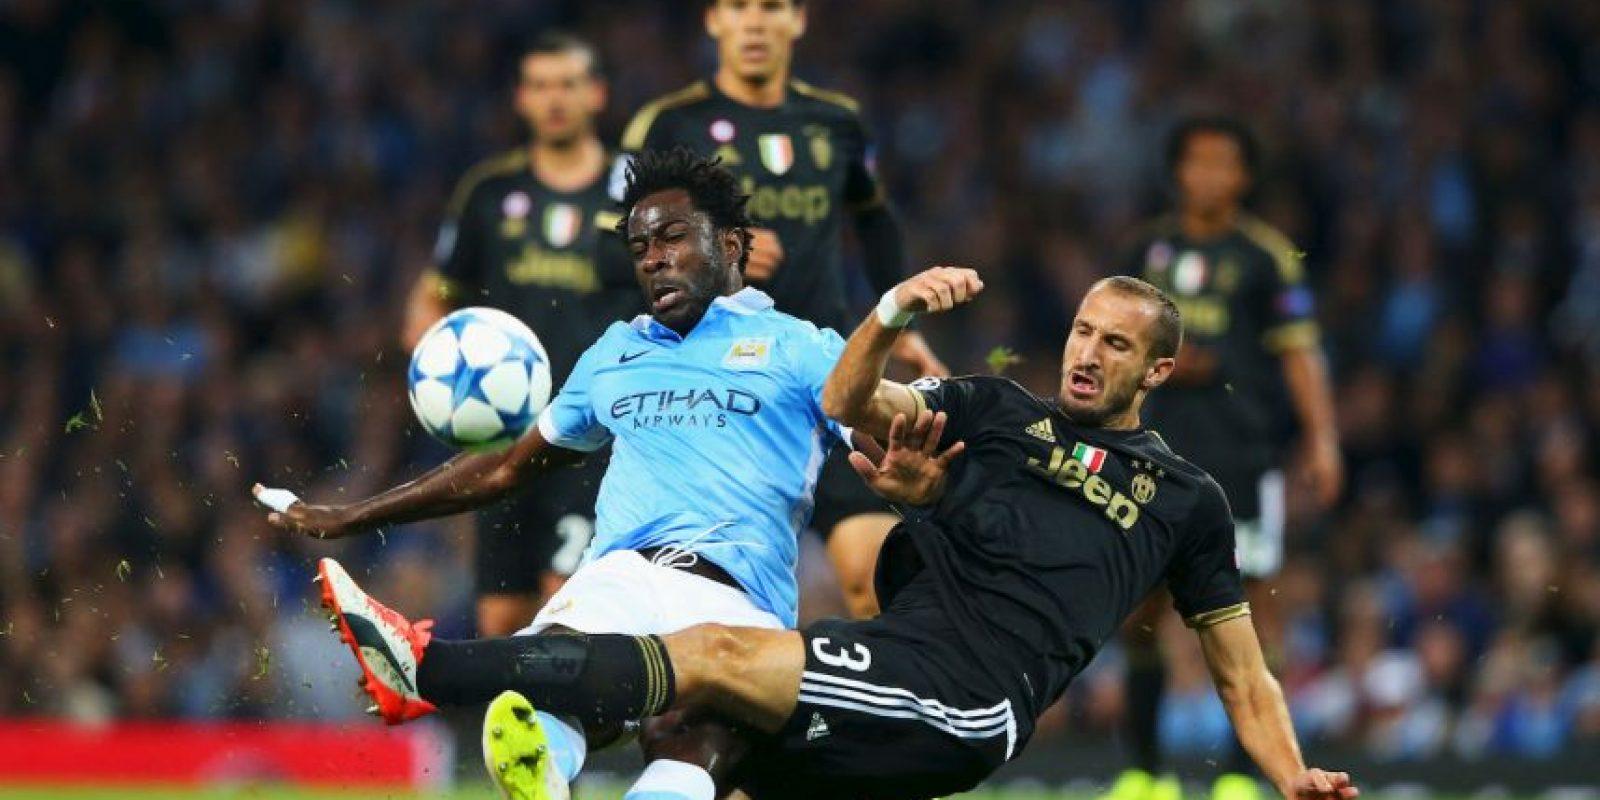 """El pasado 15 de septiembre, la """"Juve"""" debutó en Champions con una victoria sobre el Manchester City en Etihad Stadium. Foto:Getty Images"""